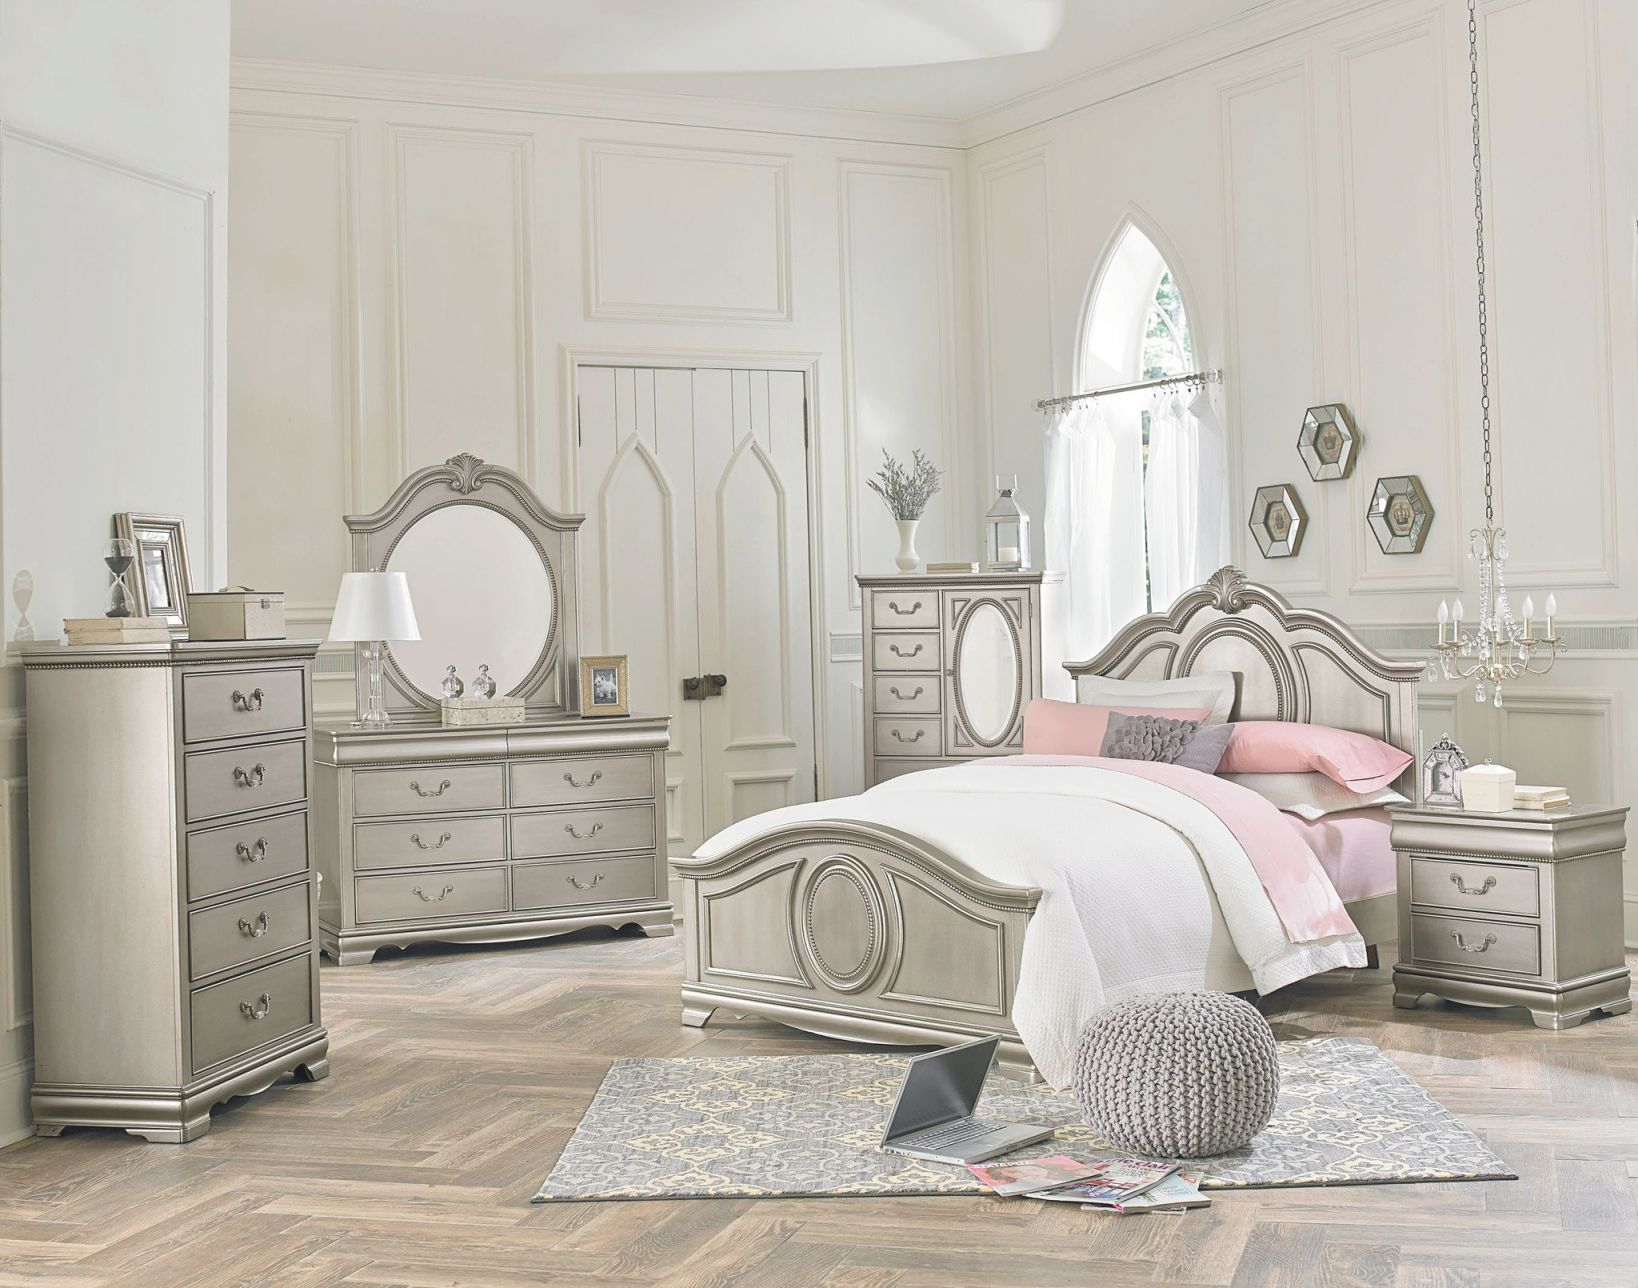 Jessica - Silver Bedroom Set | Bedroom Furniture In 2019 inside Lovely Bedroom Set Girl